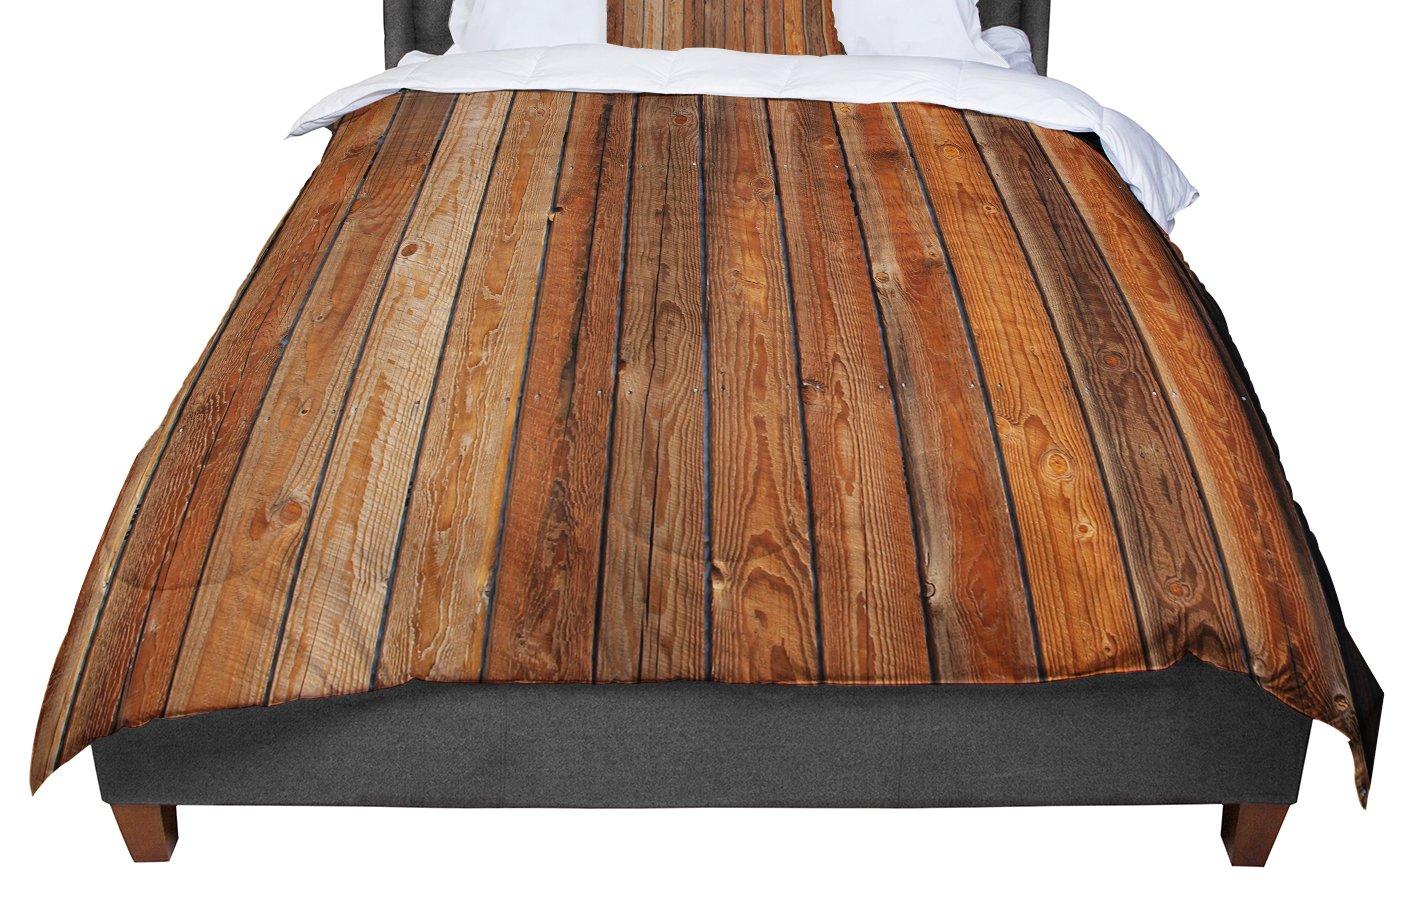 68 X 88 KESS InHouse Susan Sanders Aging Tree Wooden Twin Comforter